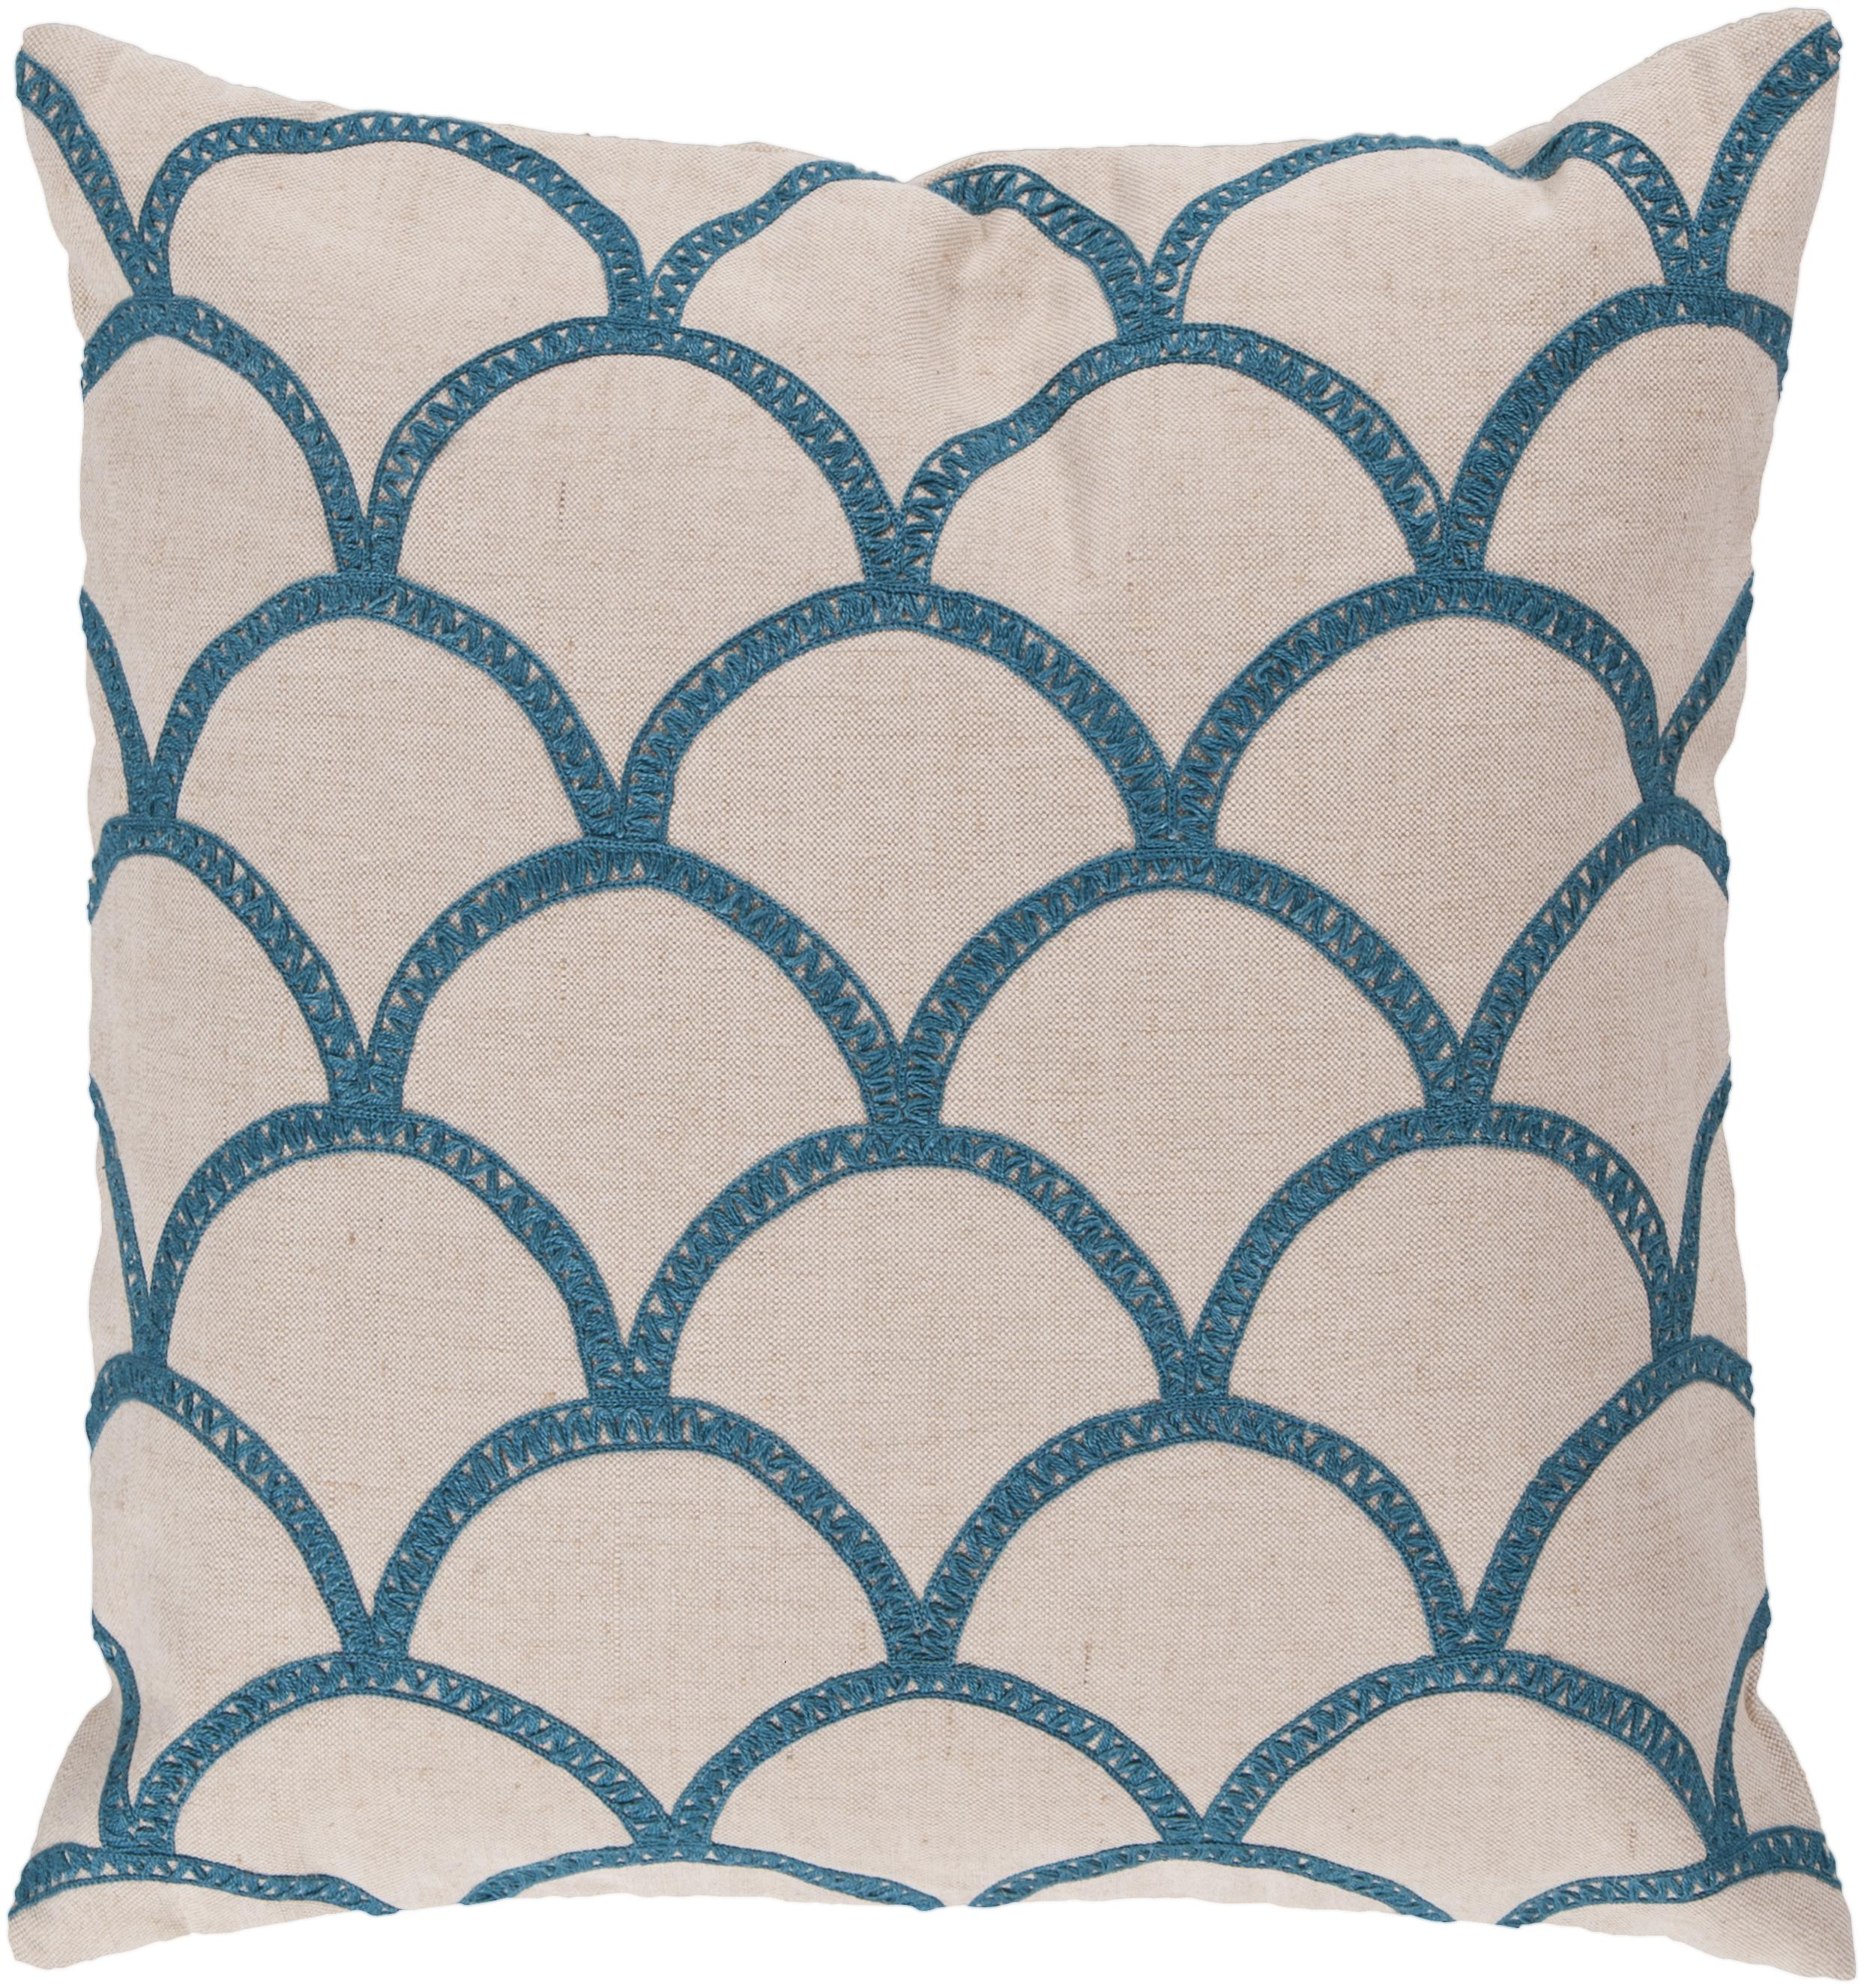 """Surya Rugs Pillows 18"""" x 18"""" Pillow - Item Number: COM007-1818P"""